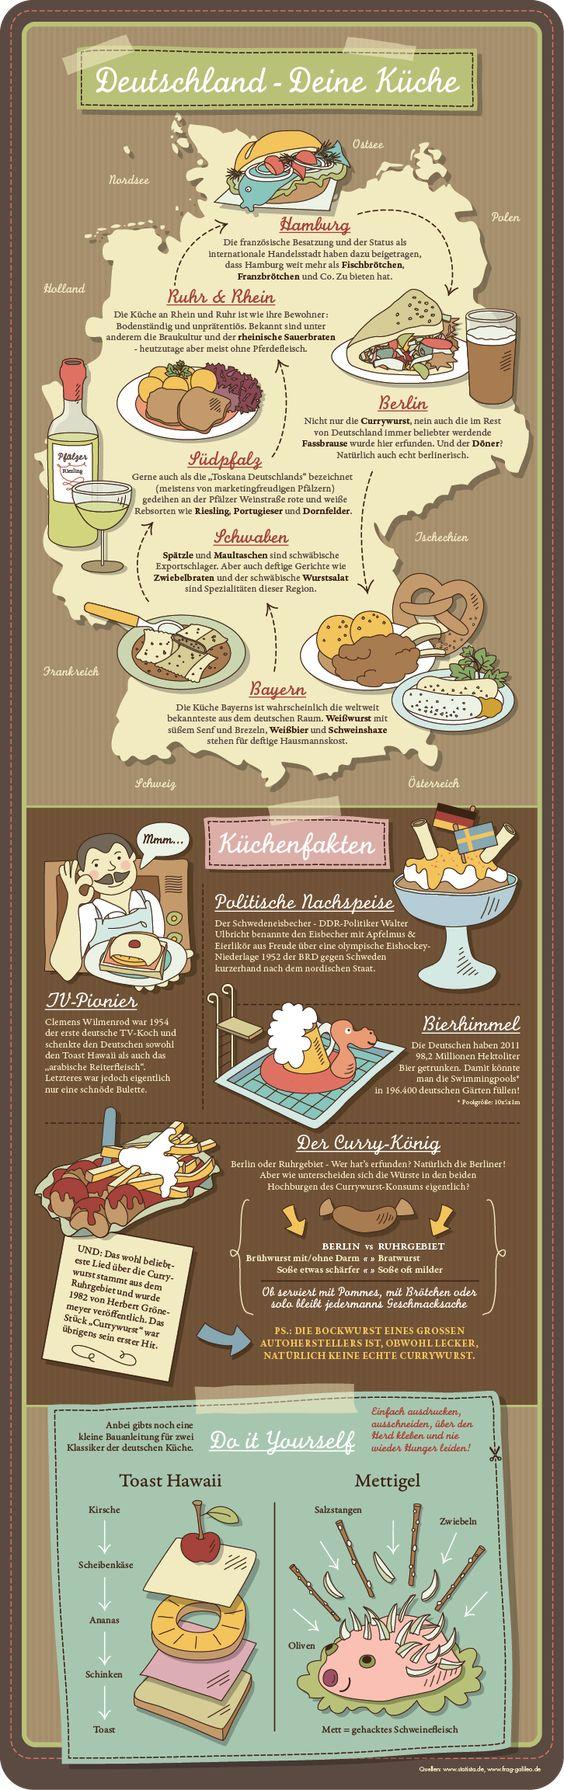 deutsche küche, essen and küche on pinterest